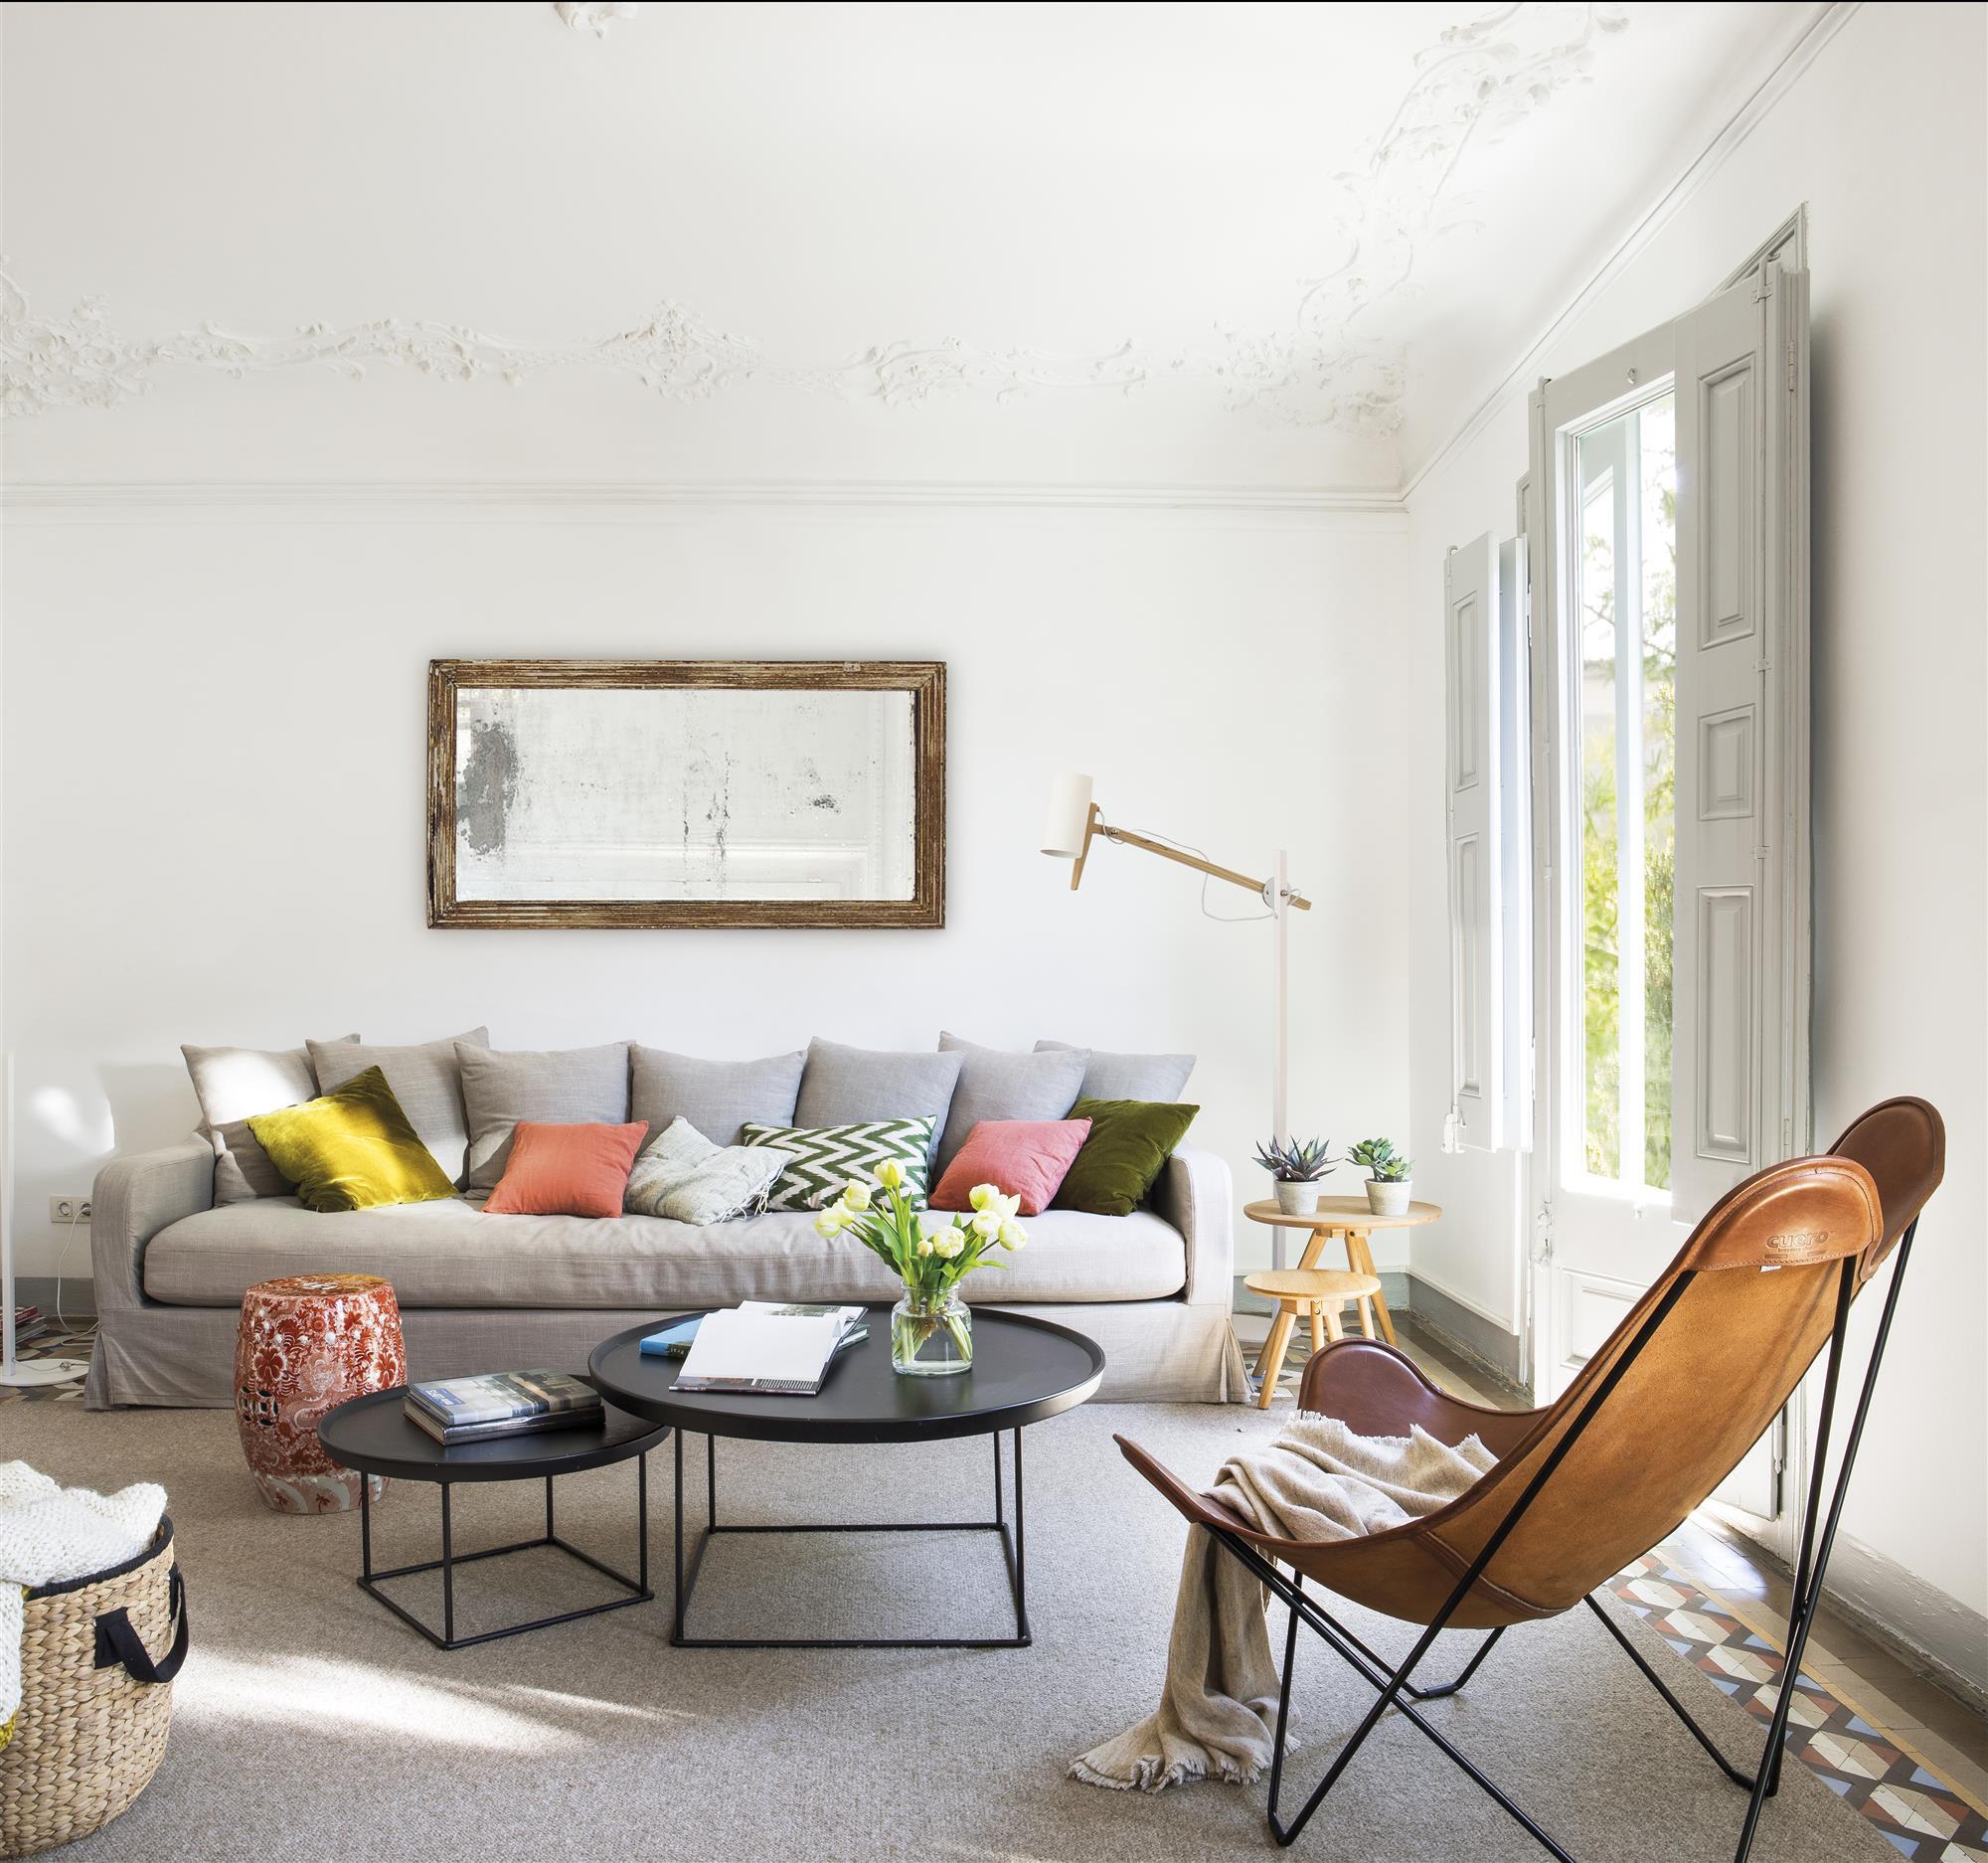 La revista el mueble del mes de enero 2018 - Decoracion paredes salones modernos ...